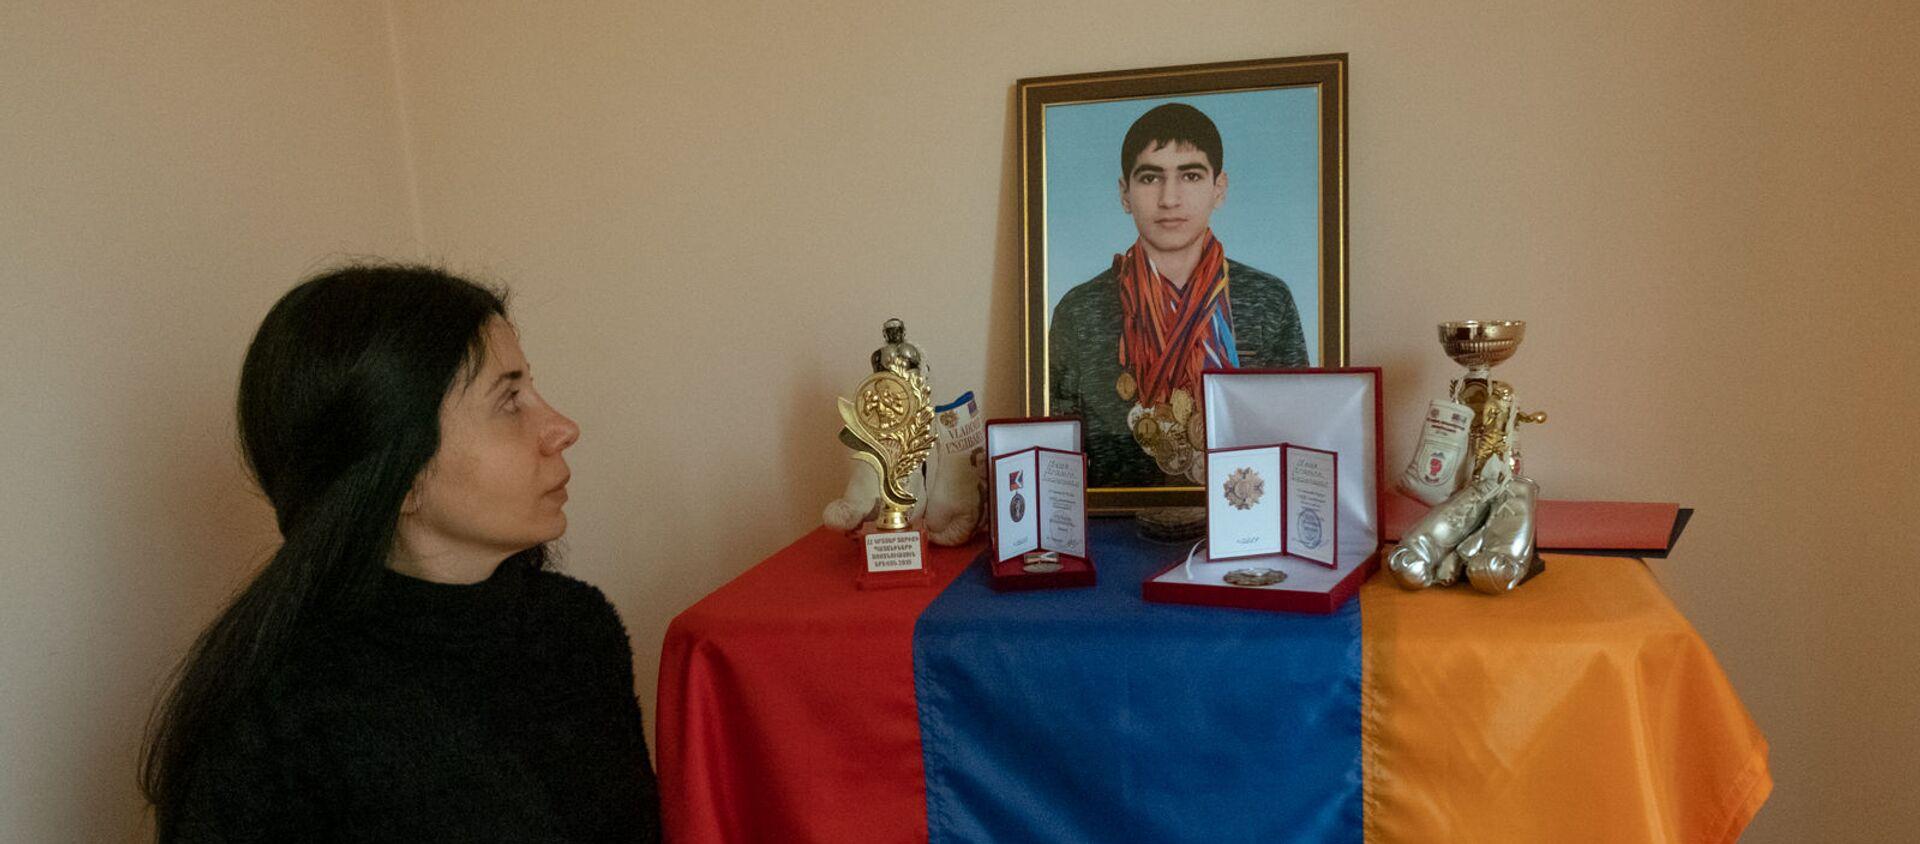 Мариам, тетя погибшего в карабахской войне экс-чемпиона Армении по боксу Авага Назаряна - Sputnik Արմենիա, 1920, 26.04.2021